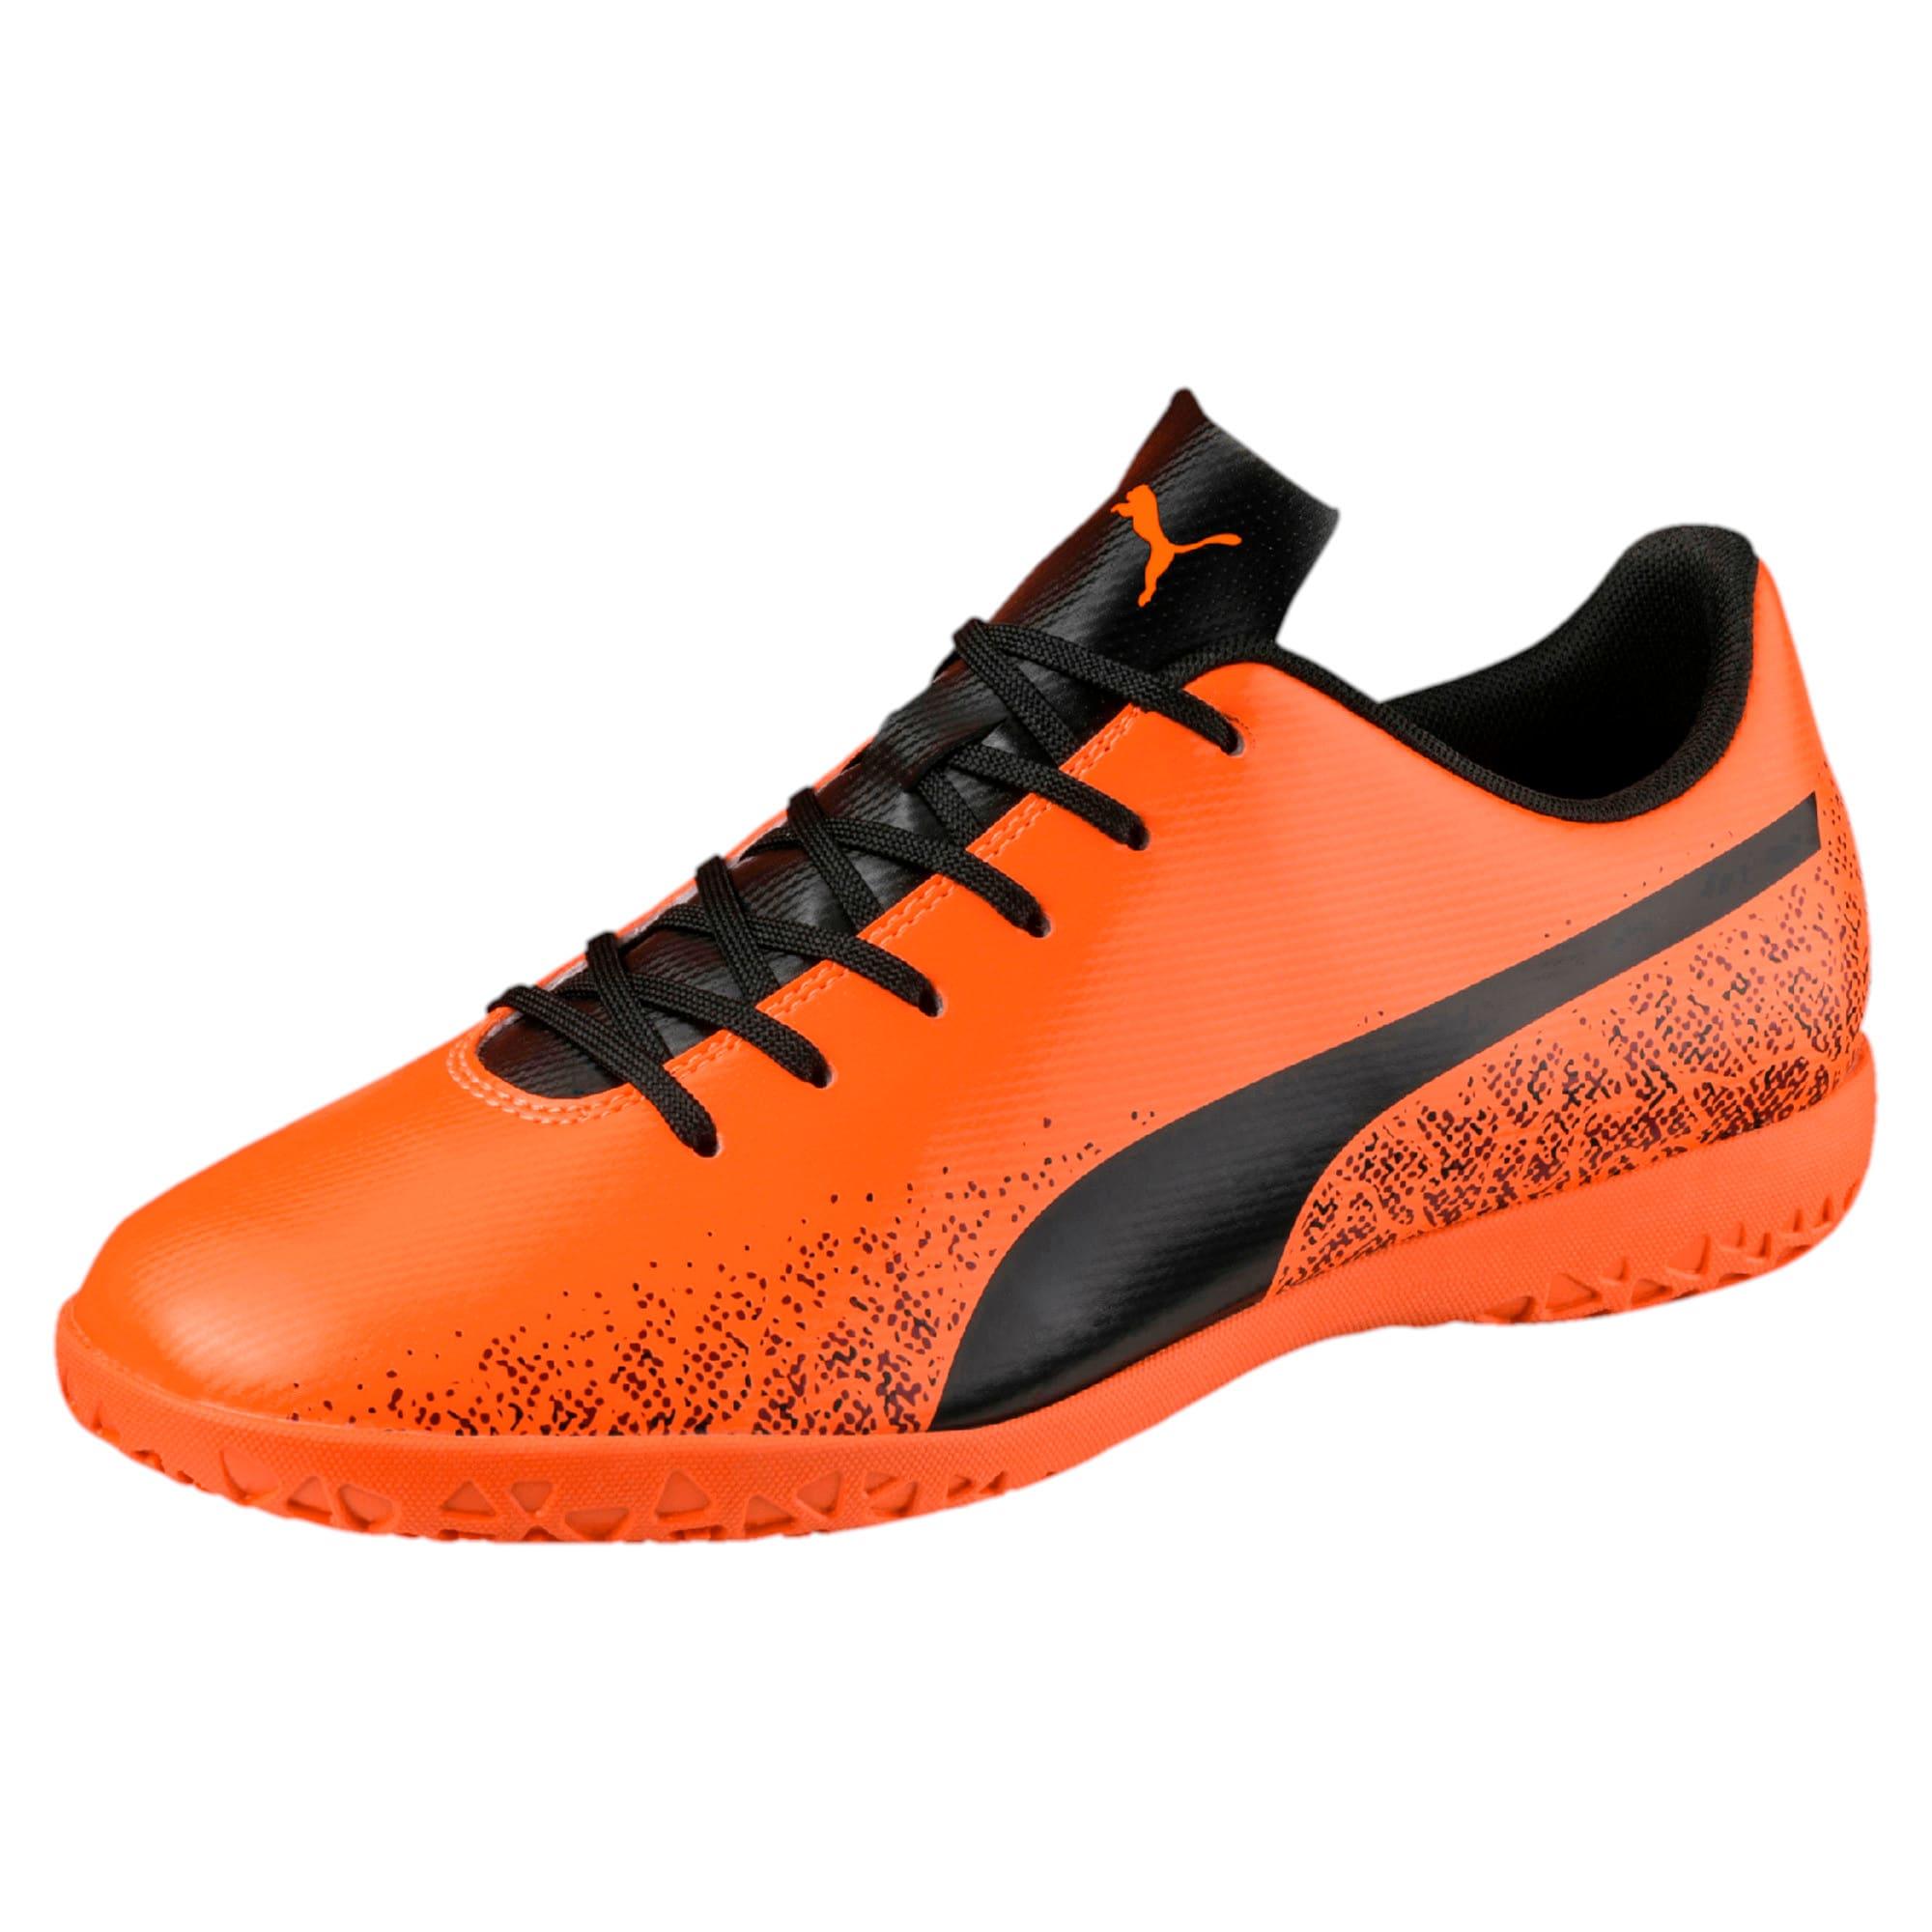 Thumbnail 1 of Truora IT Men's Indoor Training Shoes, Orange-Black-Cordovan, medium-IND